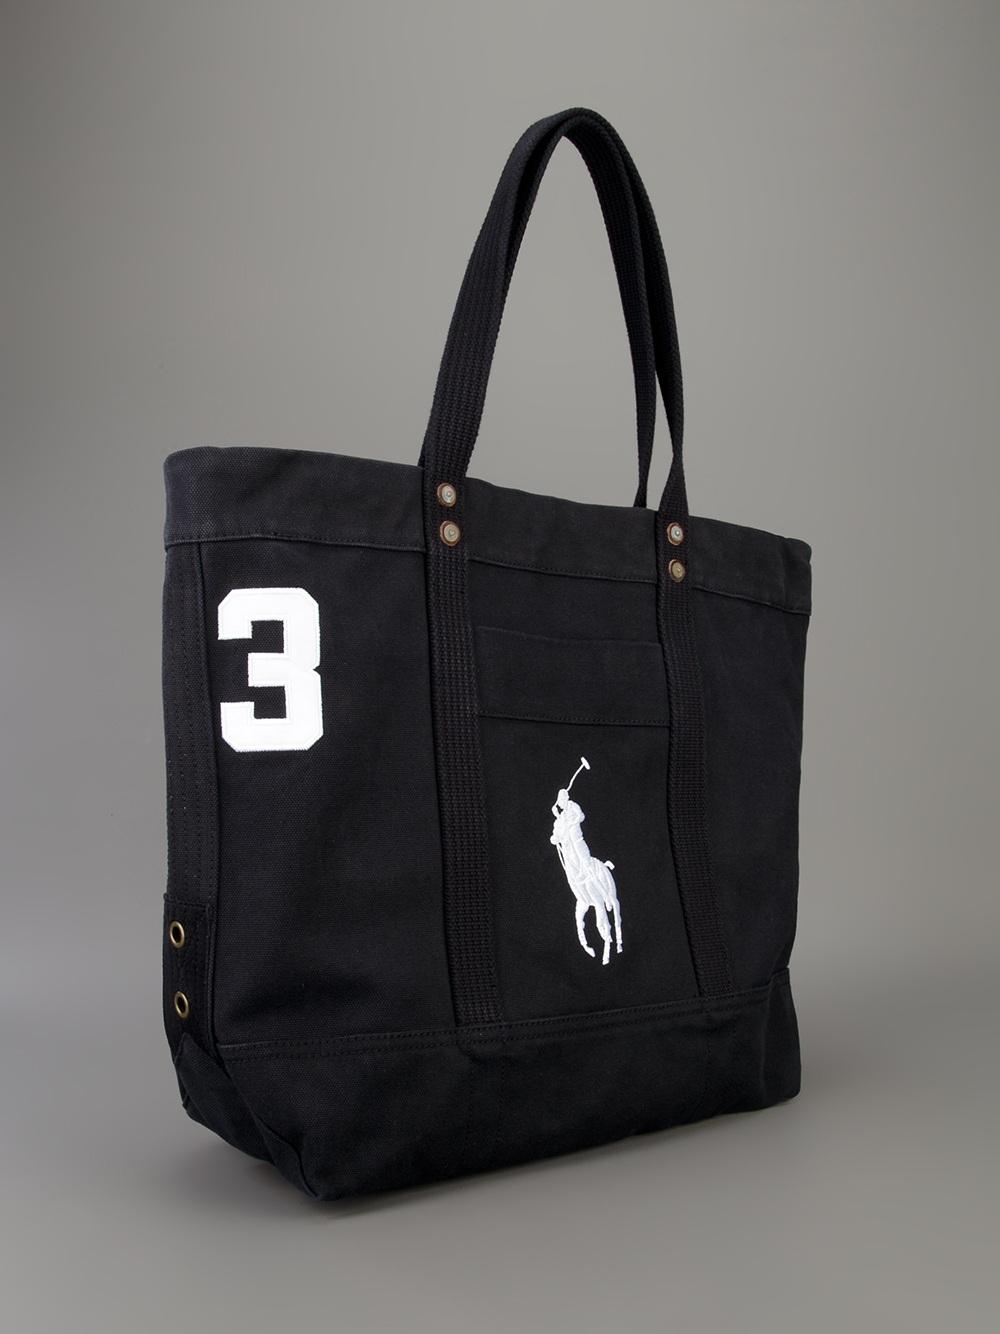 In Logo Ralph Men For Lauren Lyst Bag Polo Black Shopping vxqpYfCn